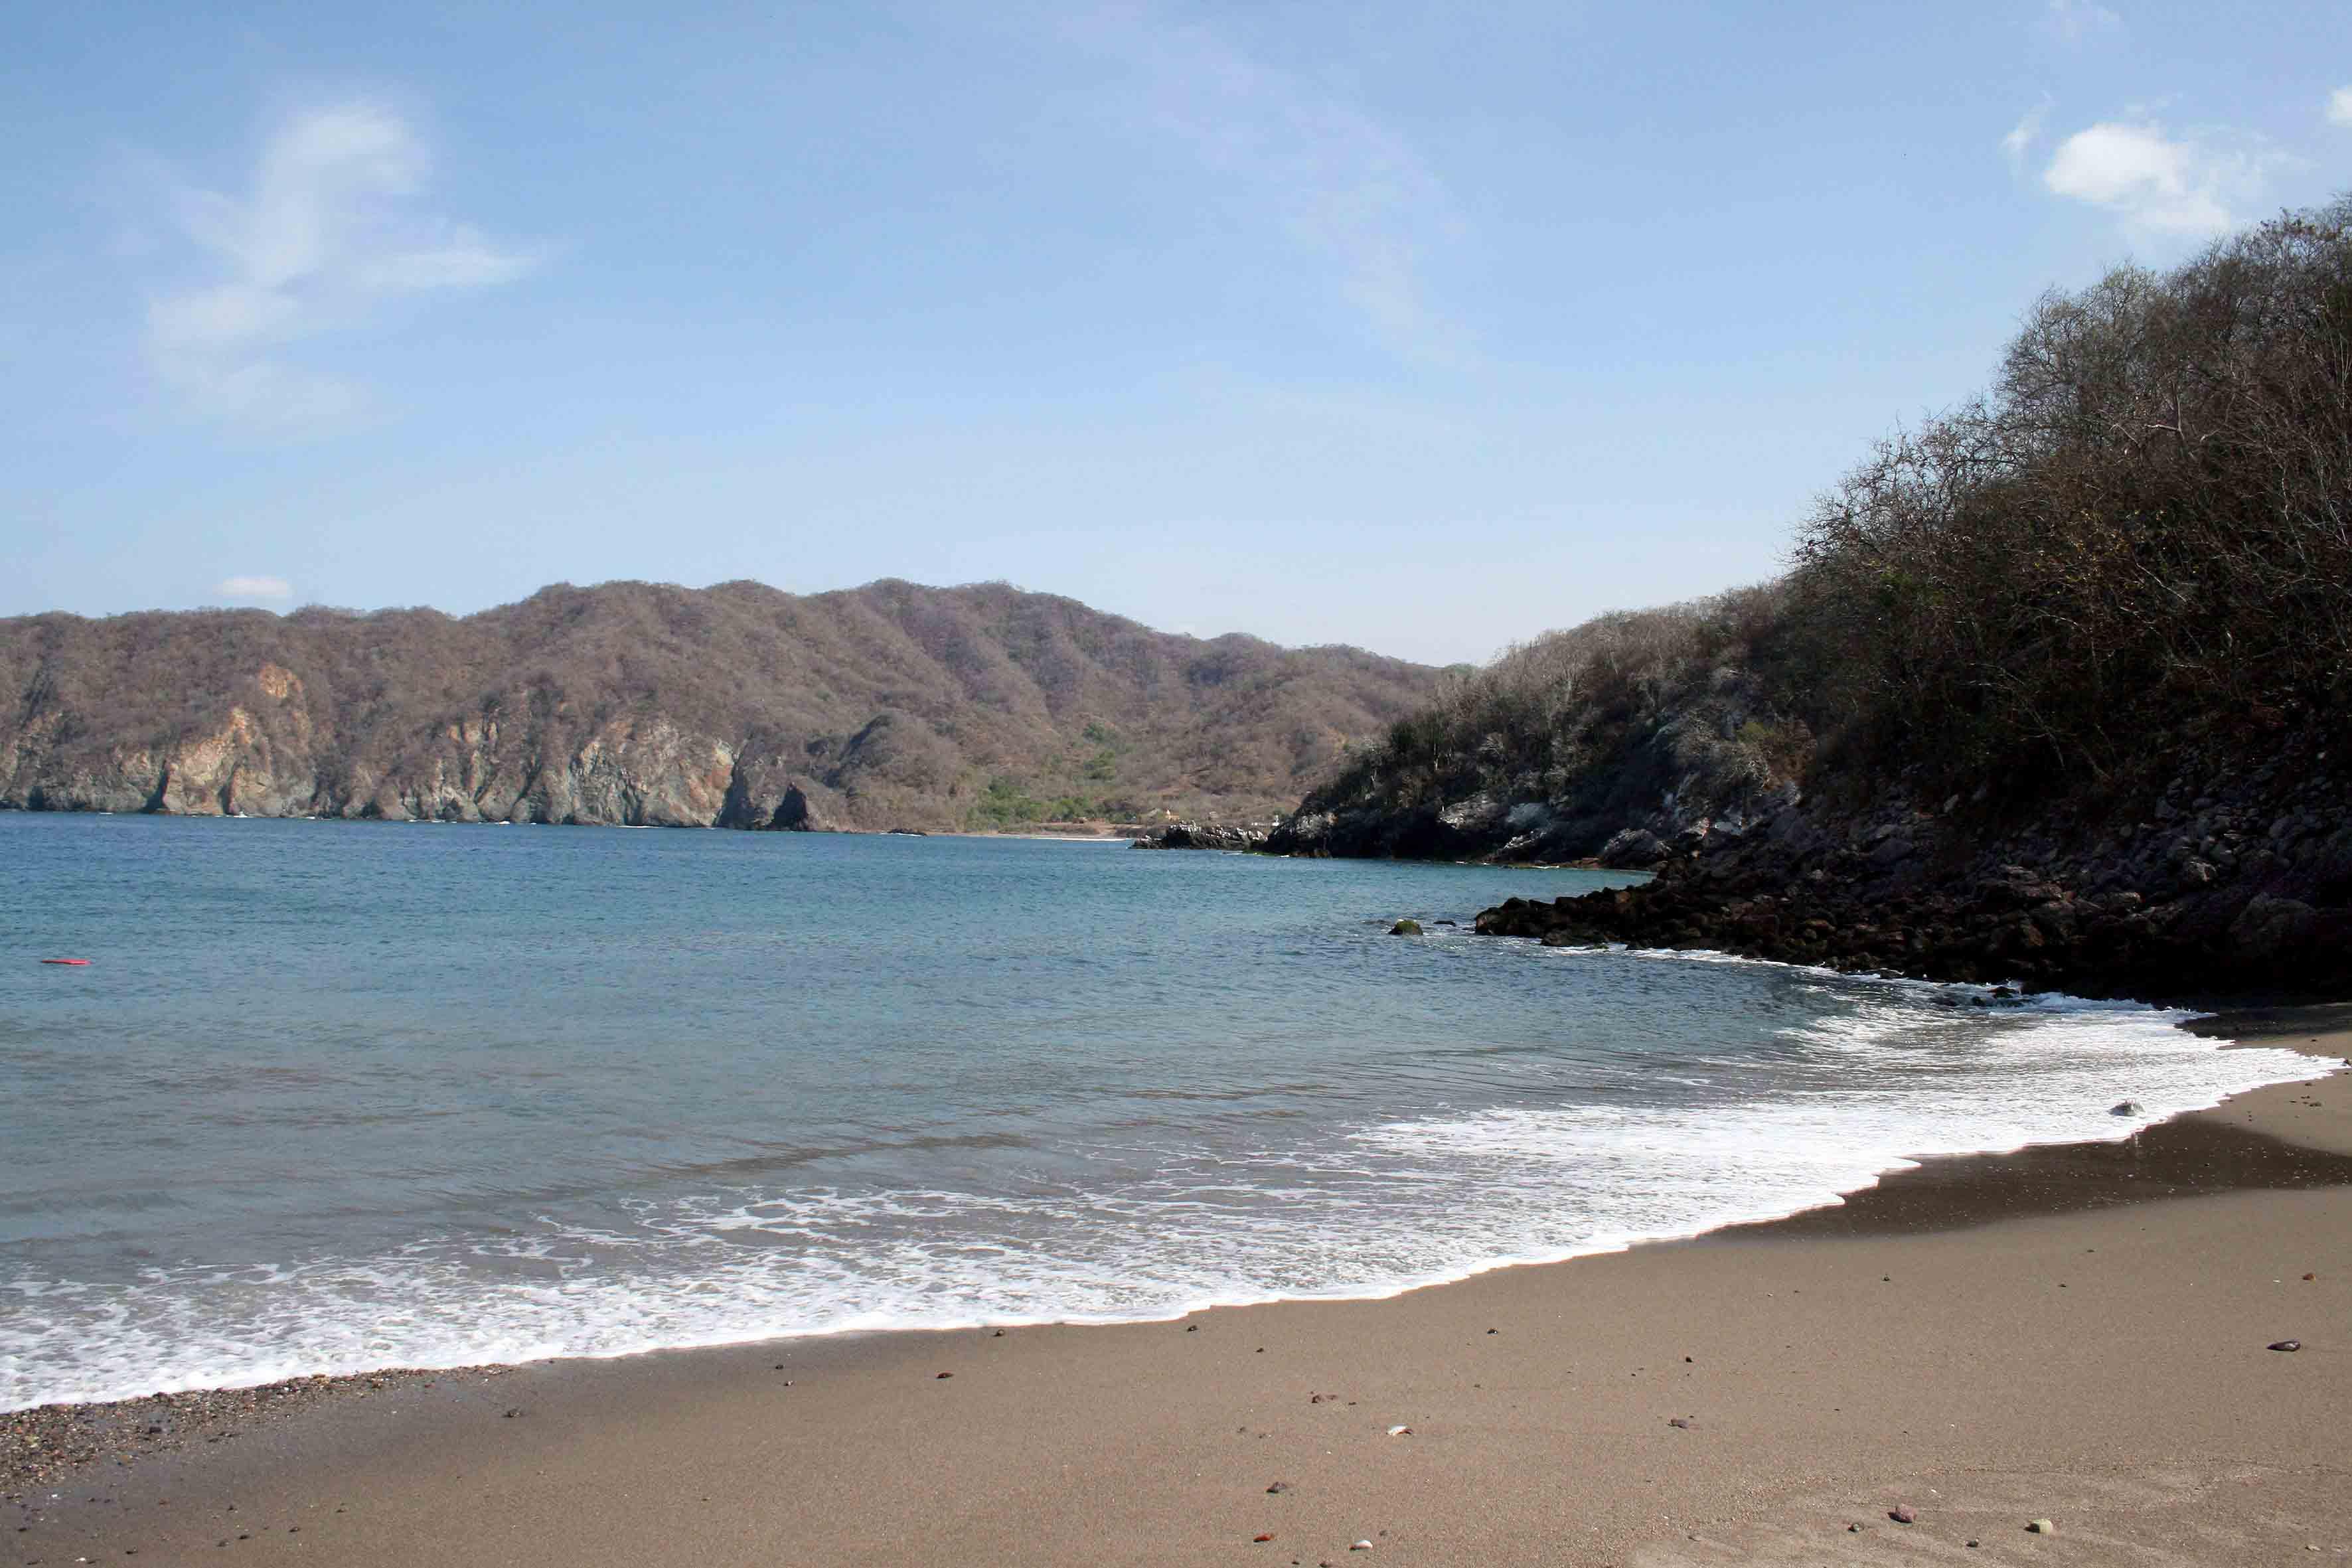 Playa de Cuastecomates